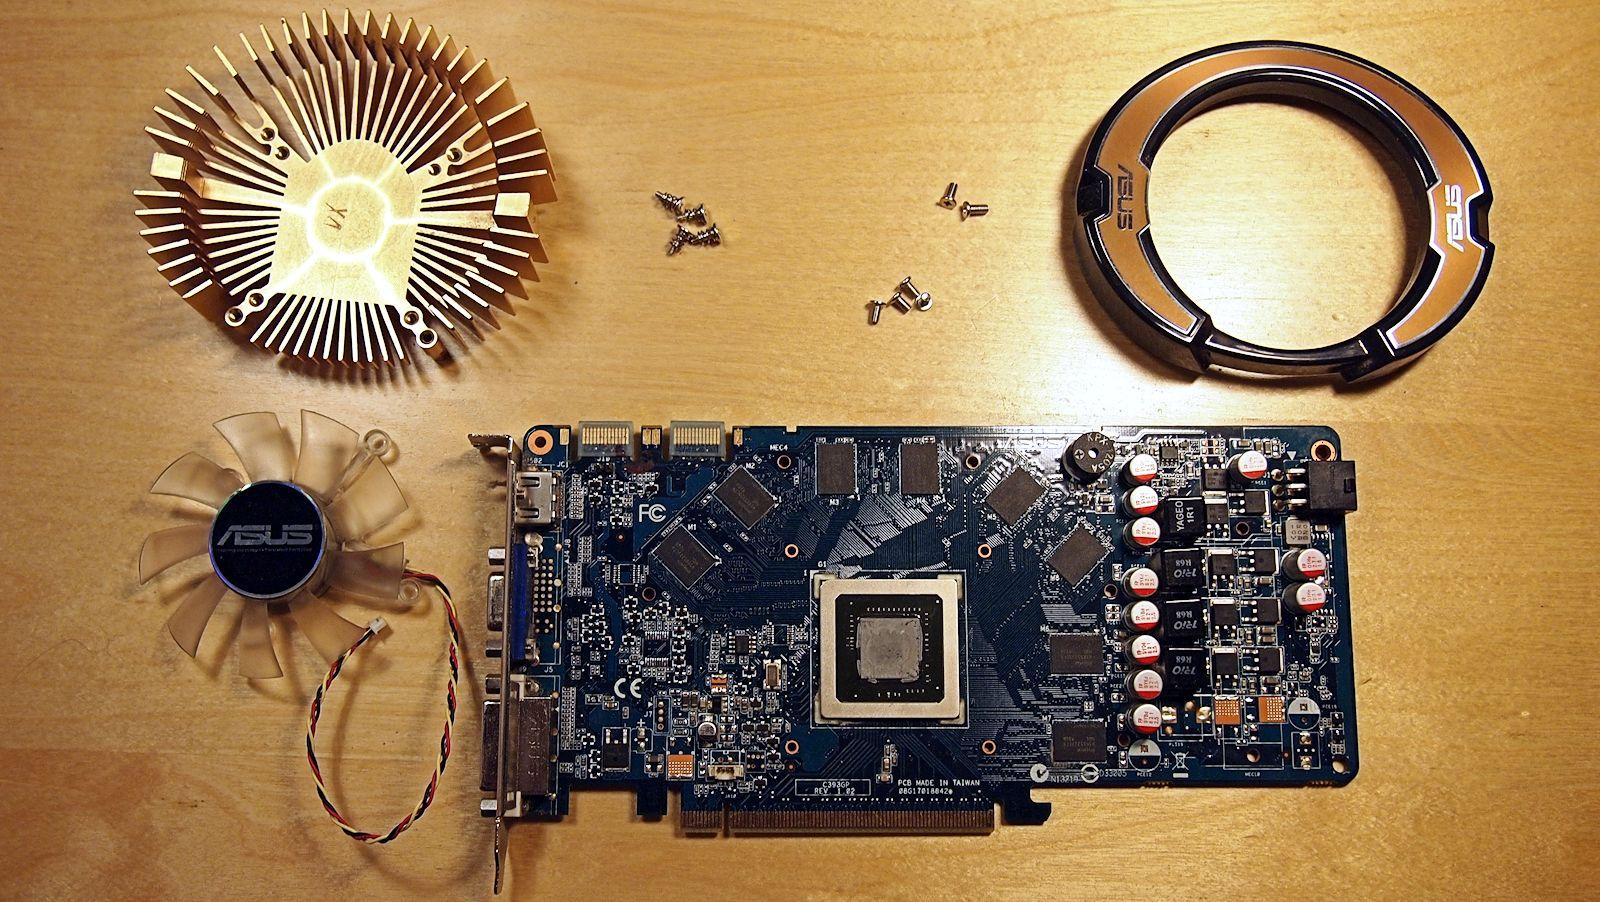 Asus Nvidia 9800 GT deconstruida